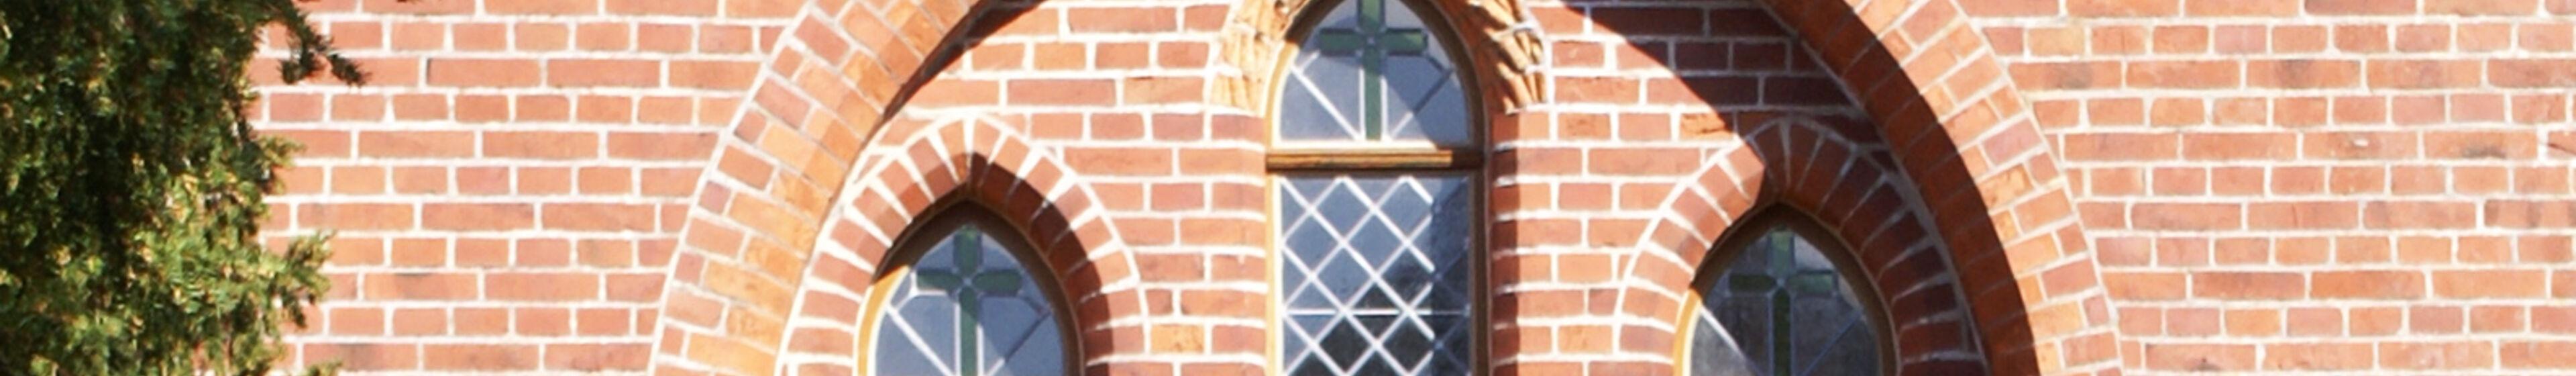 stapel kirchenfenster kopfbild c